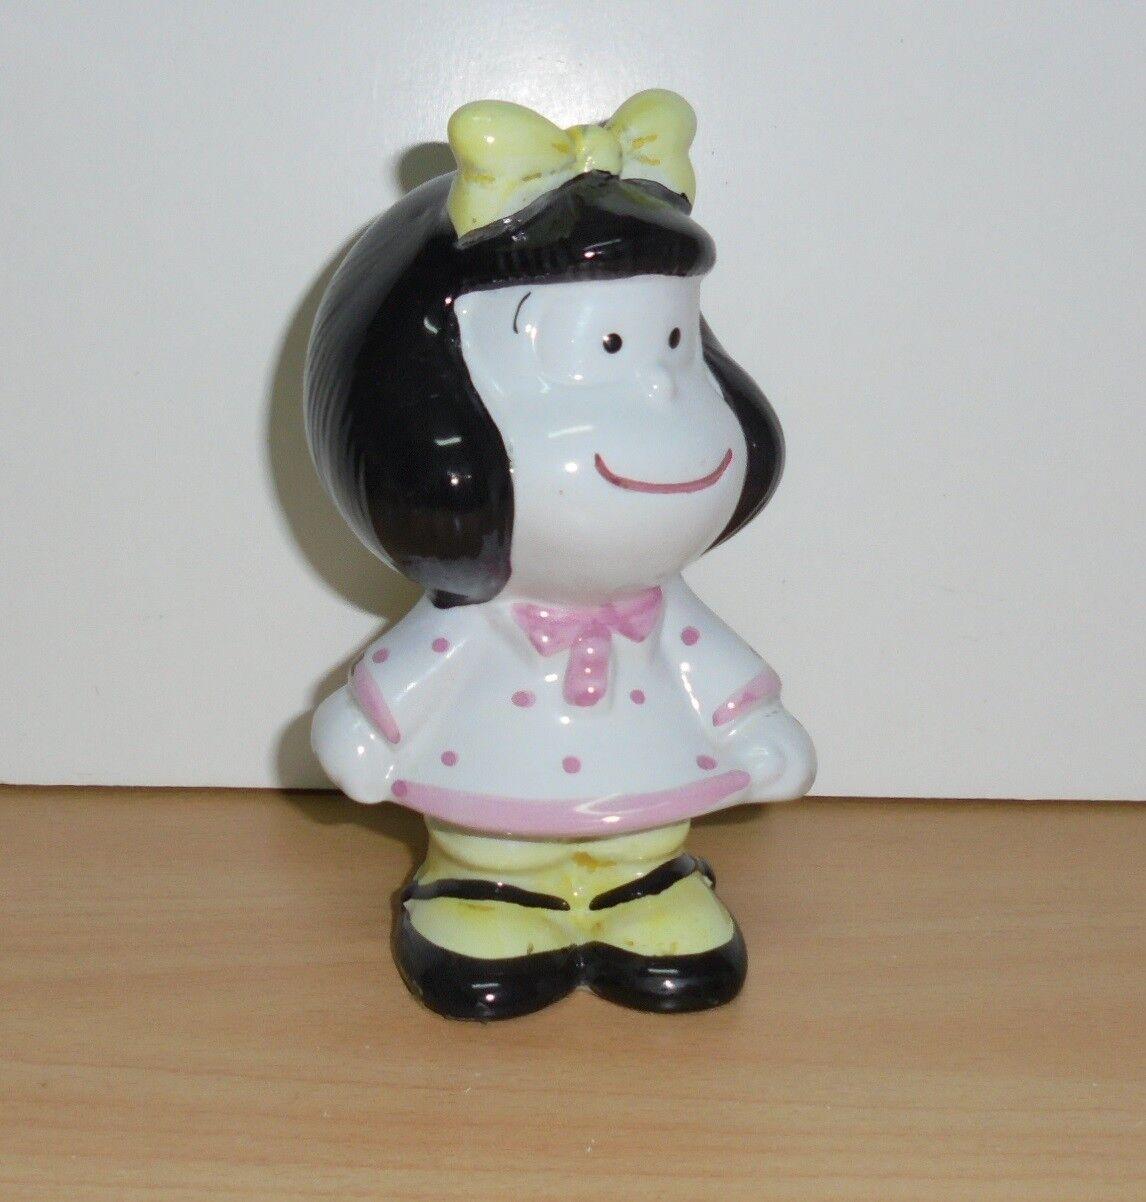 VINTAGE Porcelan Porcelain Figure - MAFALDA QUINO - PORTUGAL